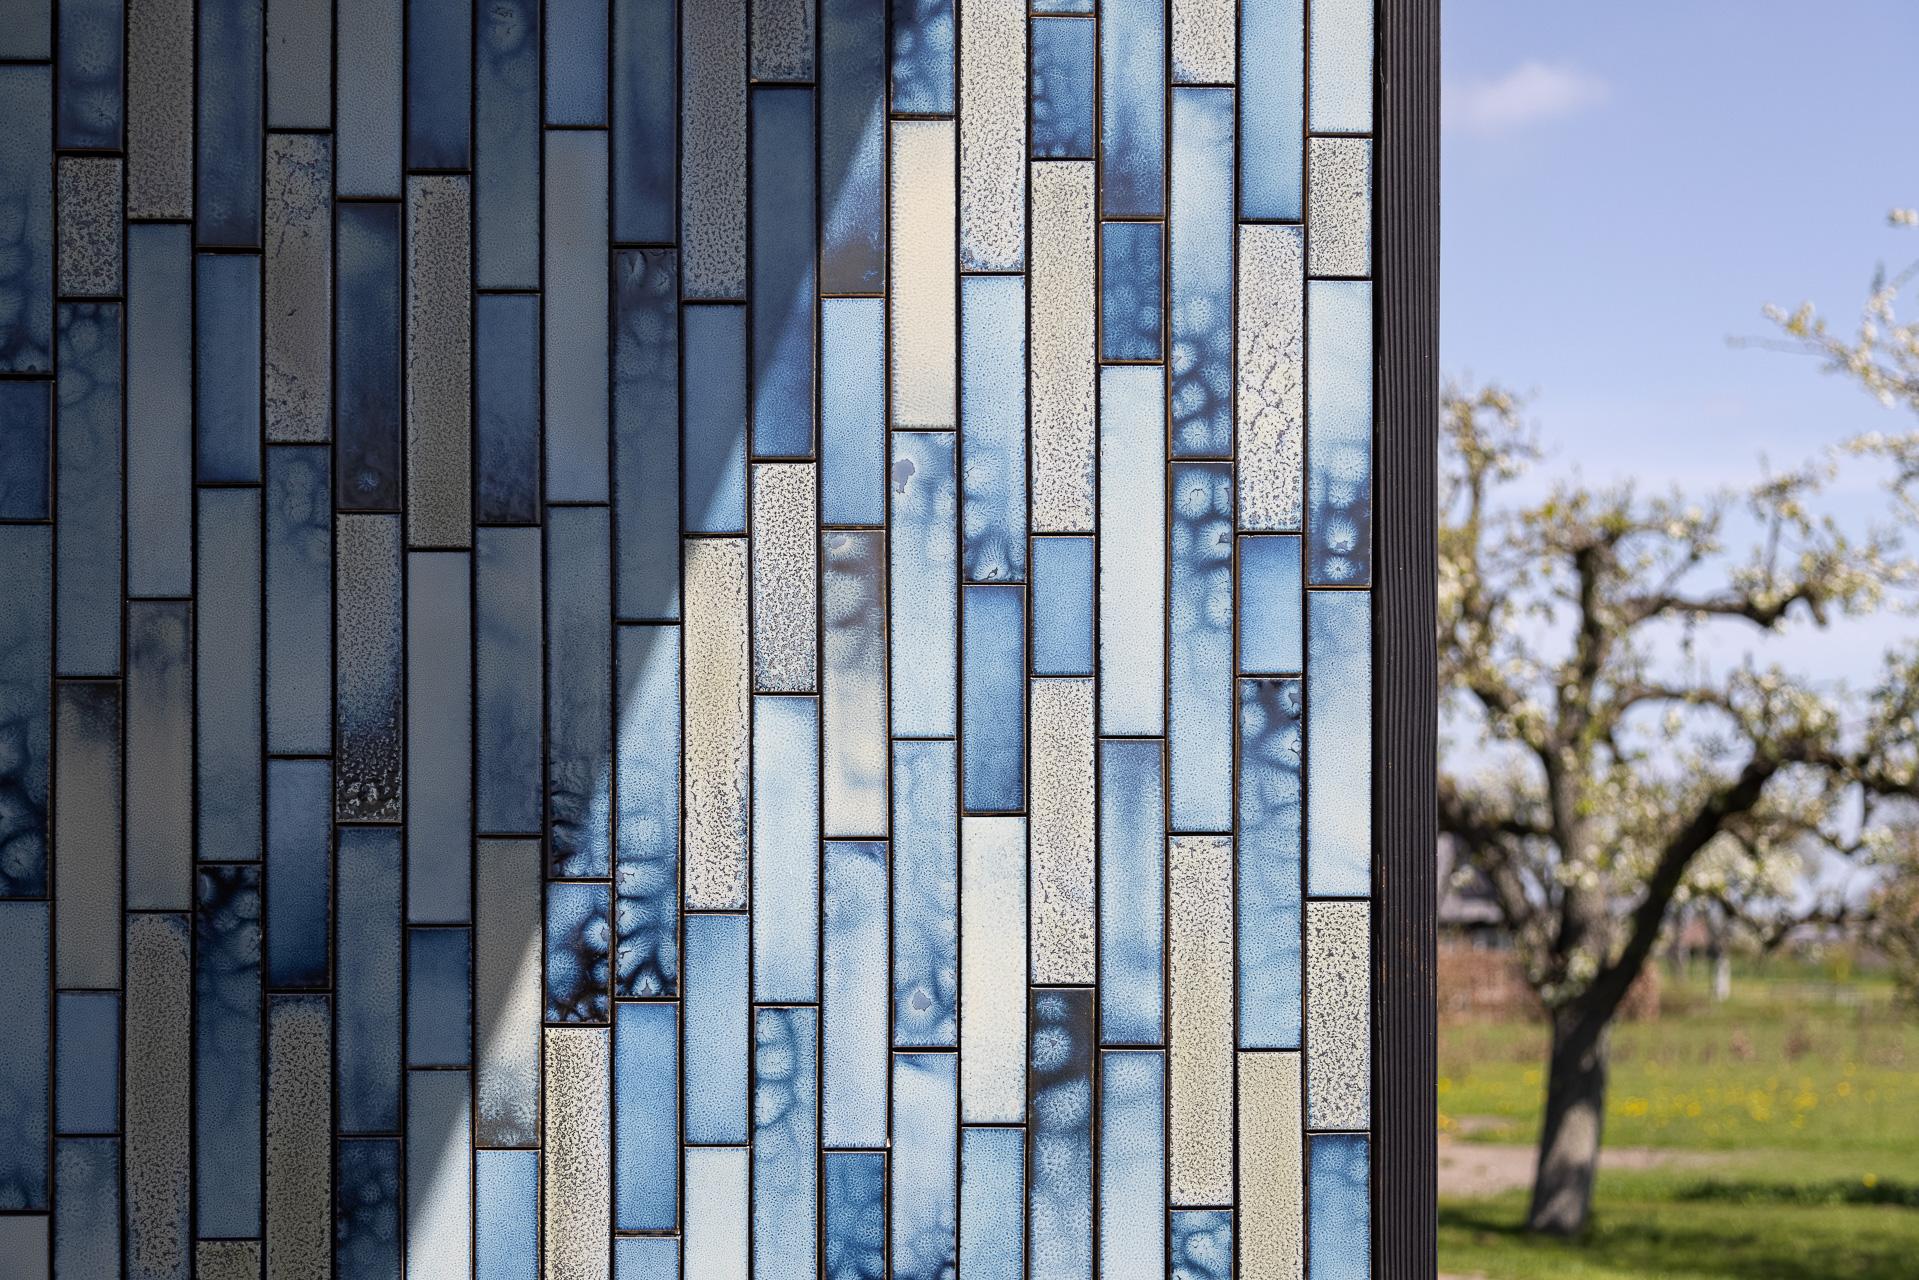 SP2021-Architectuurfotografie-De-Nieuwe-Schuur-Mecanoo-2